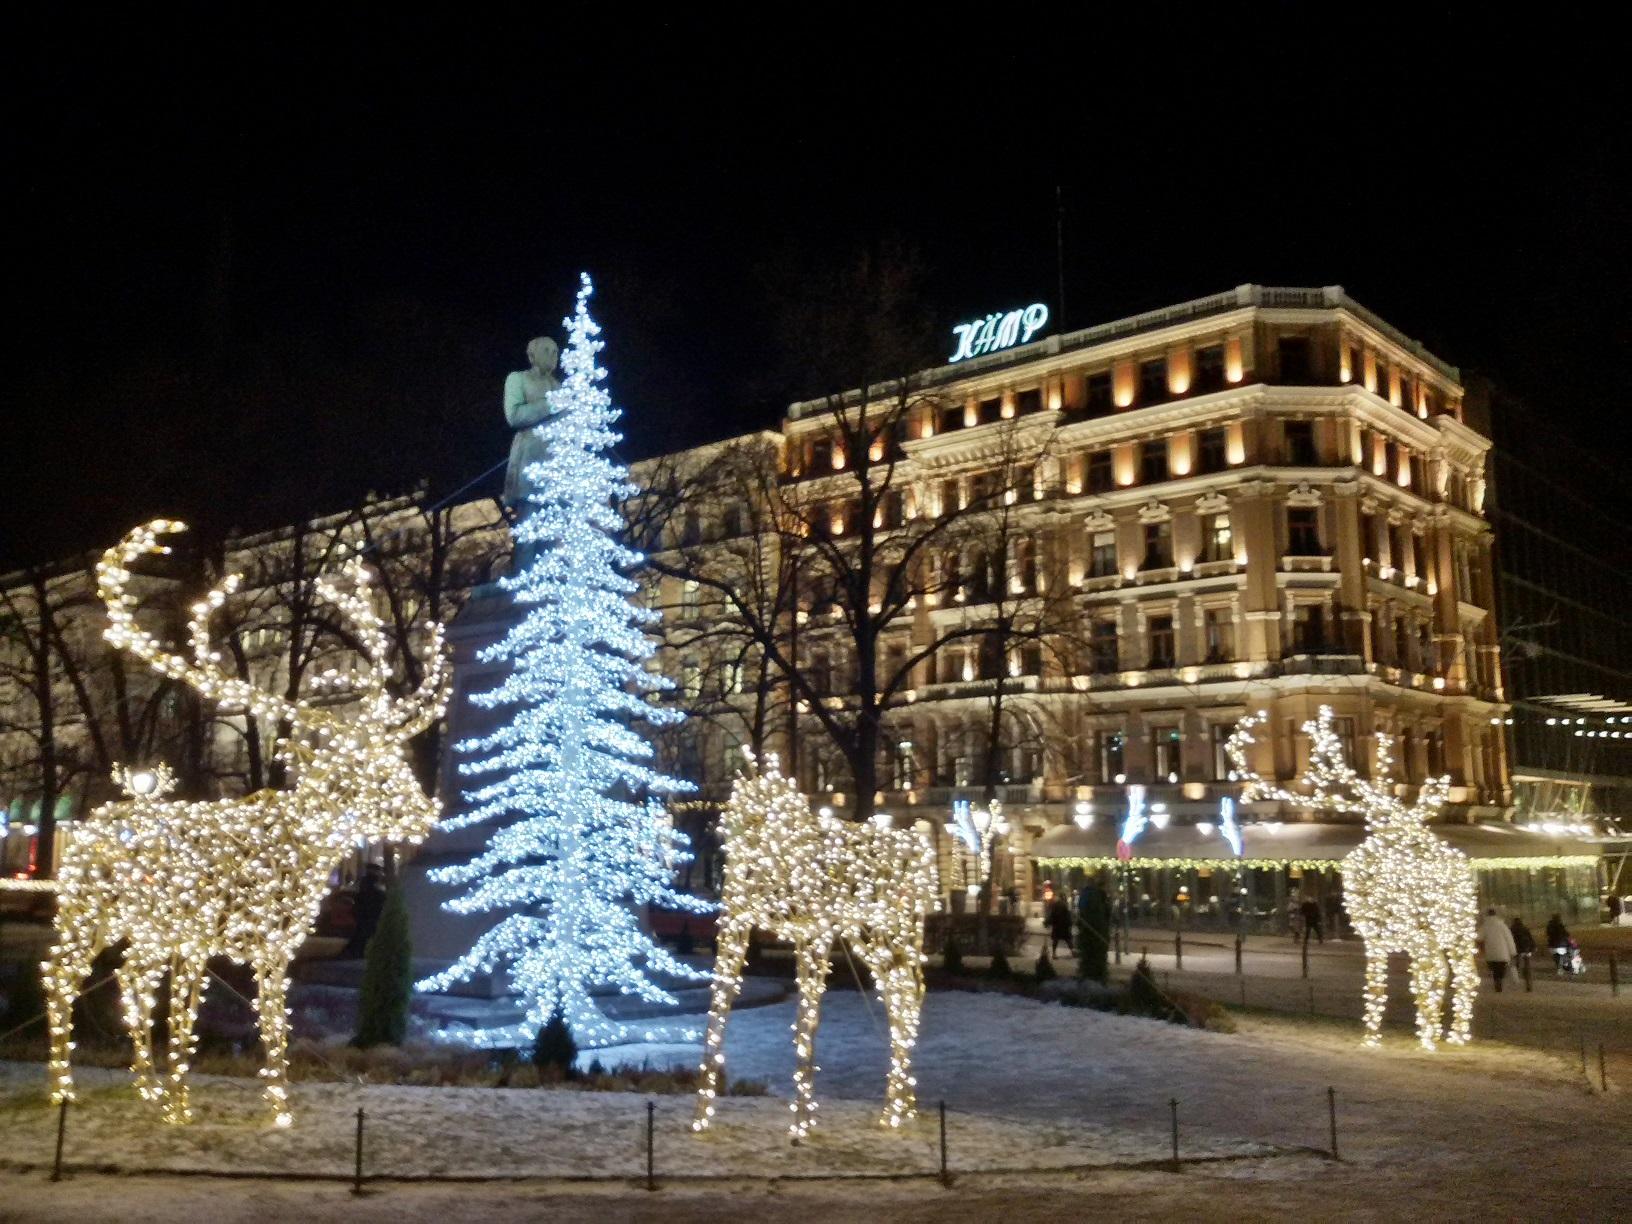 Weihnachsstimmung am berühmten Hotel Kämp in Helsinki